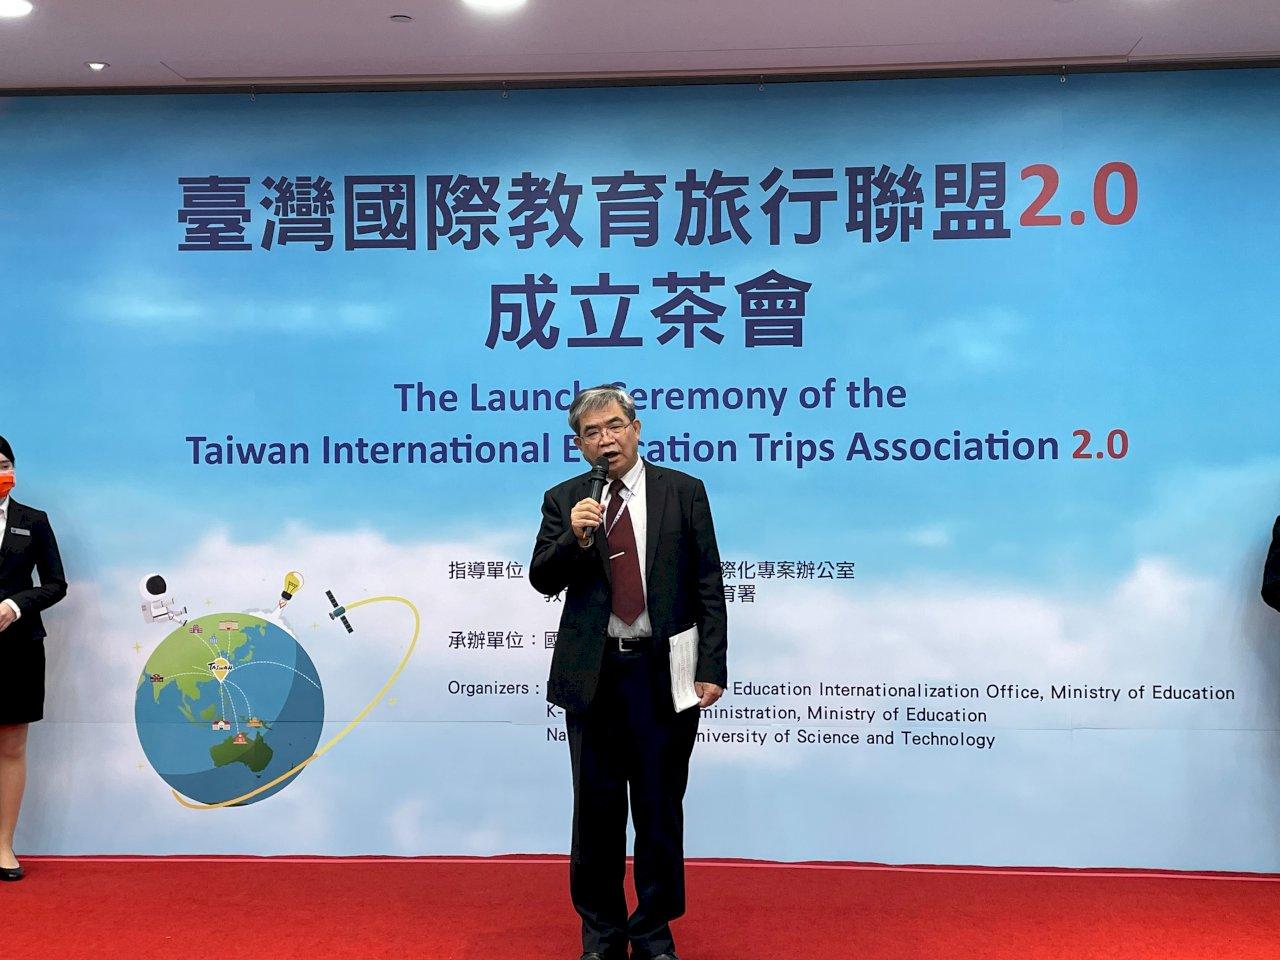 台灣國際教育旅行聯盟2.0成立 從日韓交流擴及新南向國家